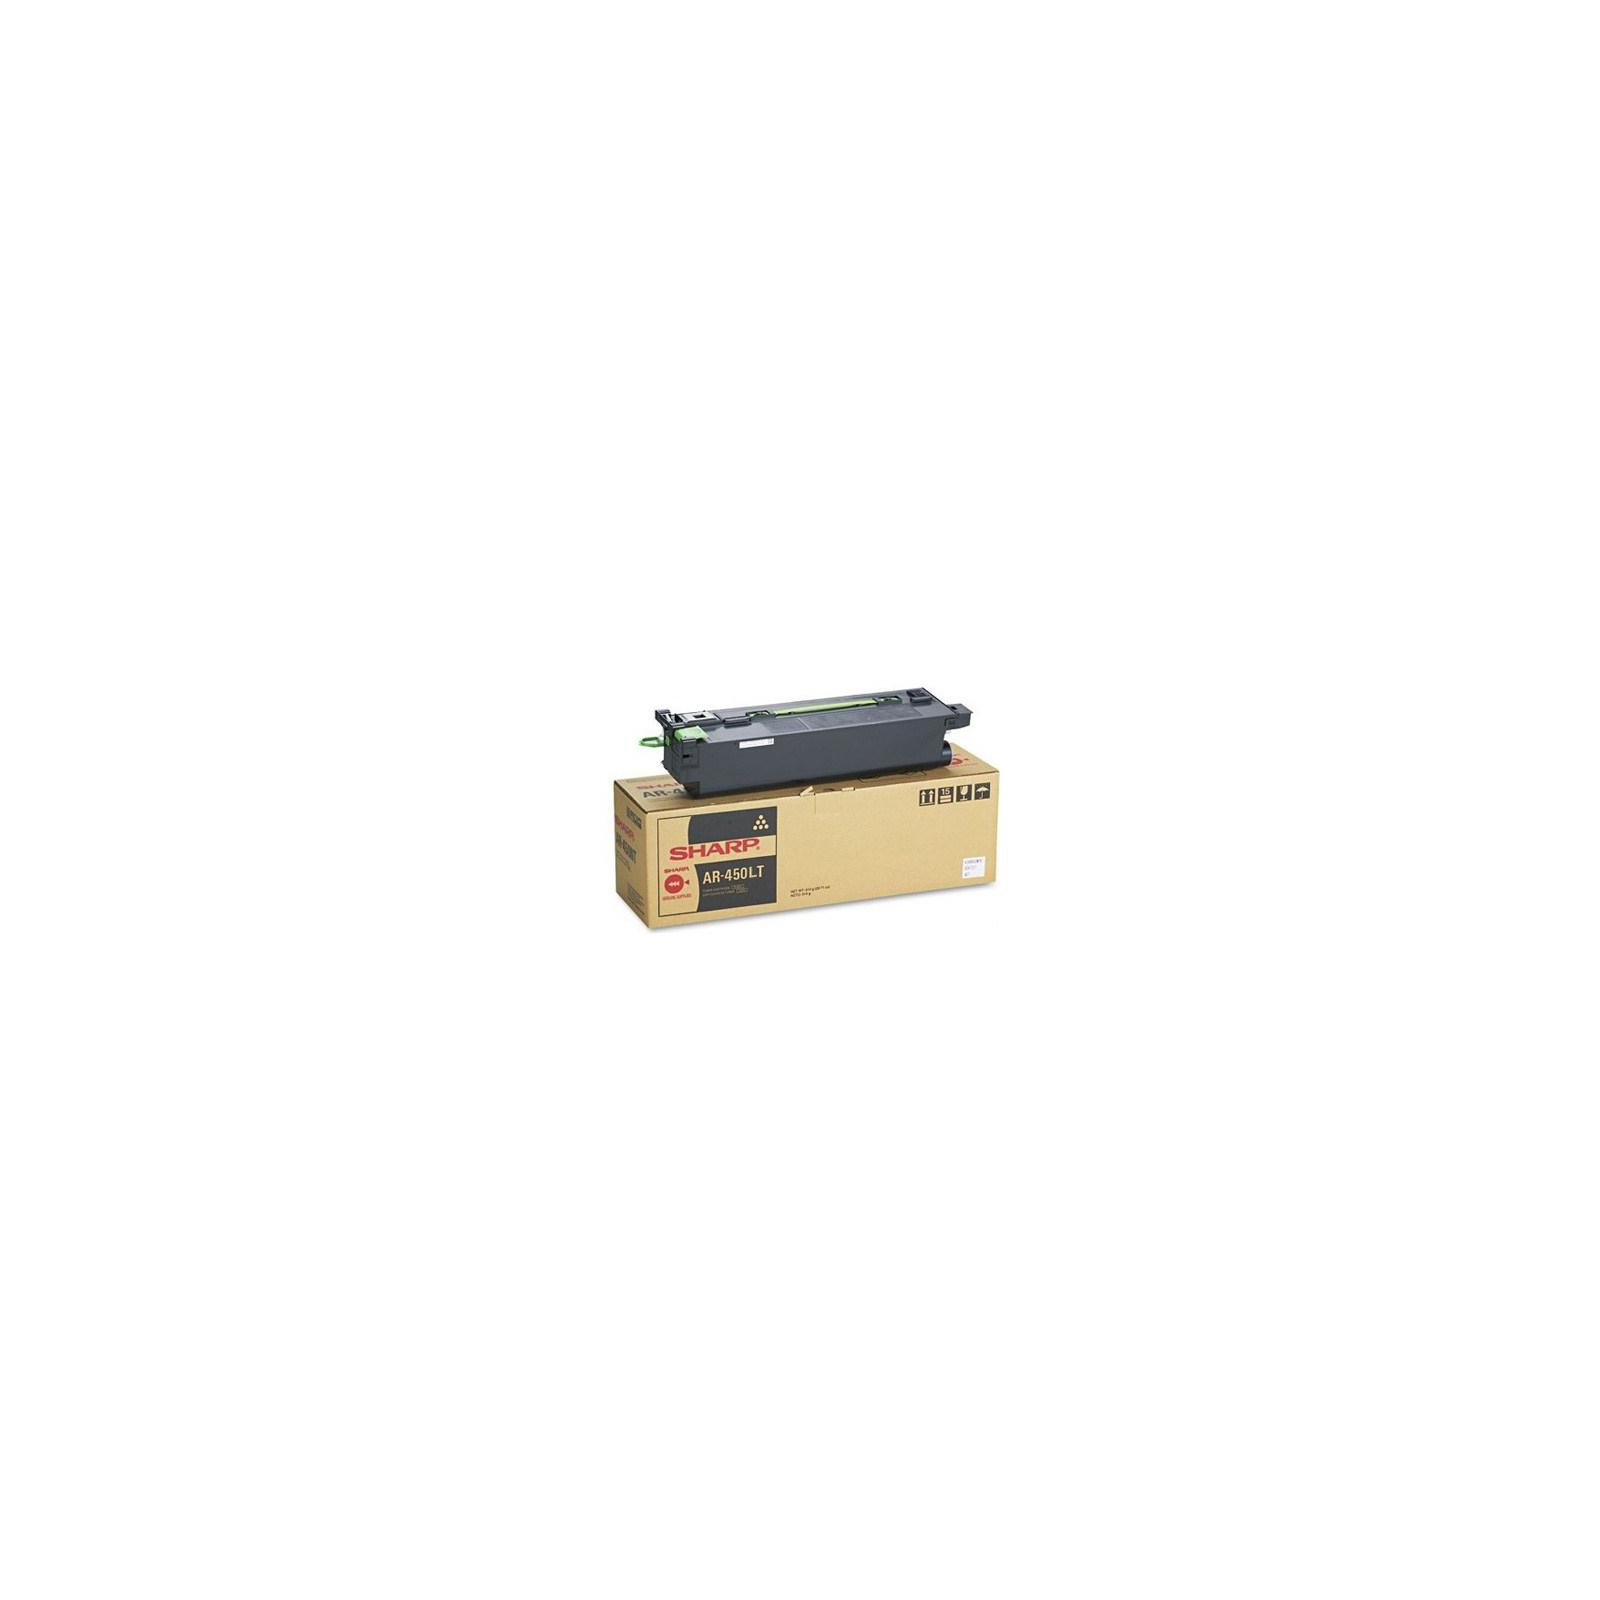 Тонер-картридж SHARP AR 450LT1 для ARM350/450 ARP350/450 (AR450LT1)